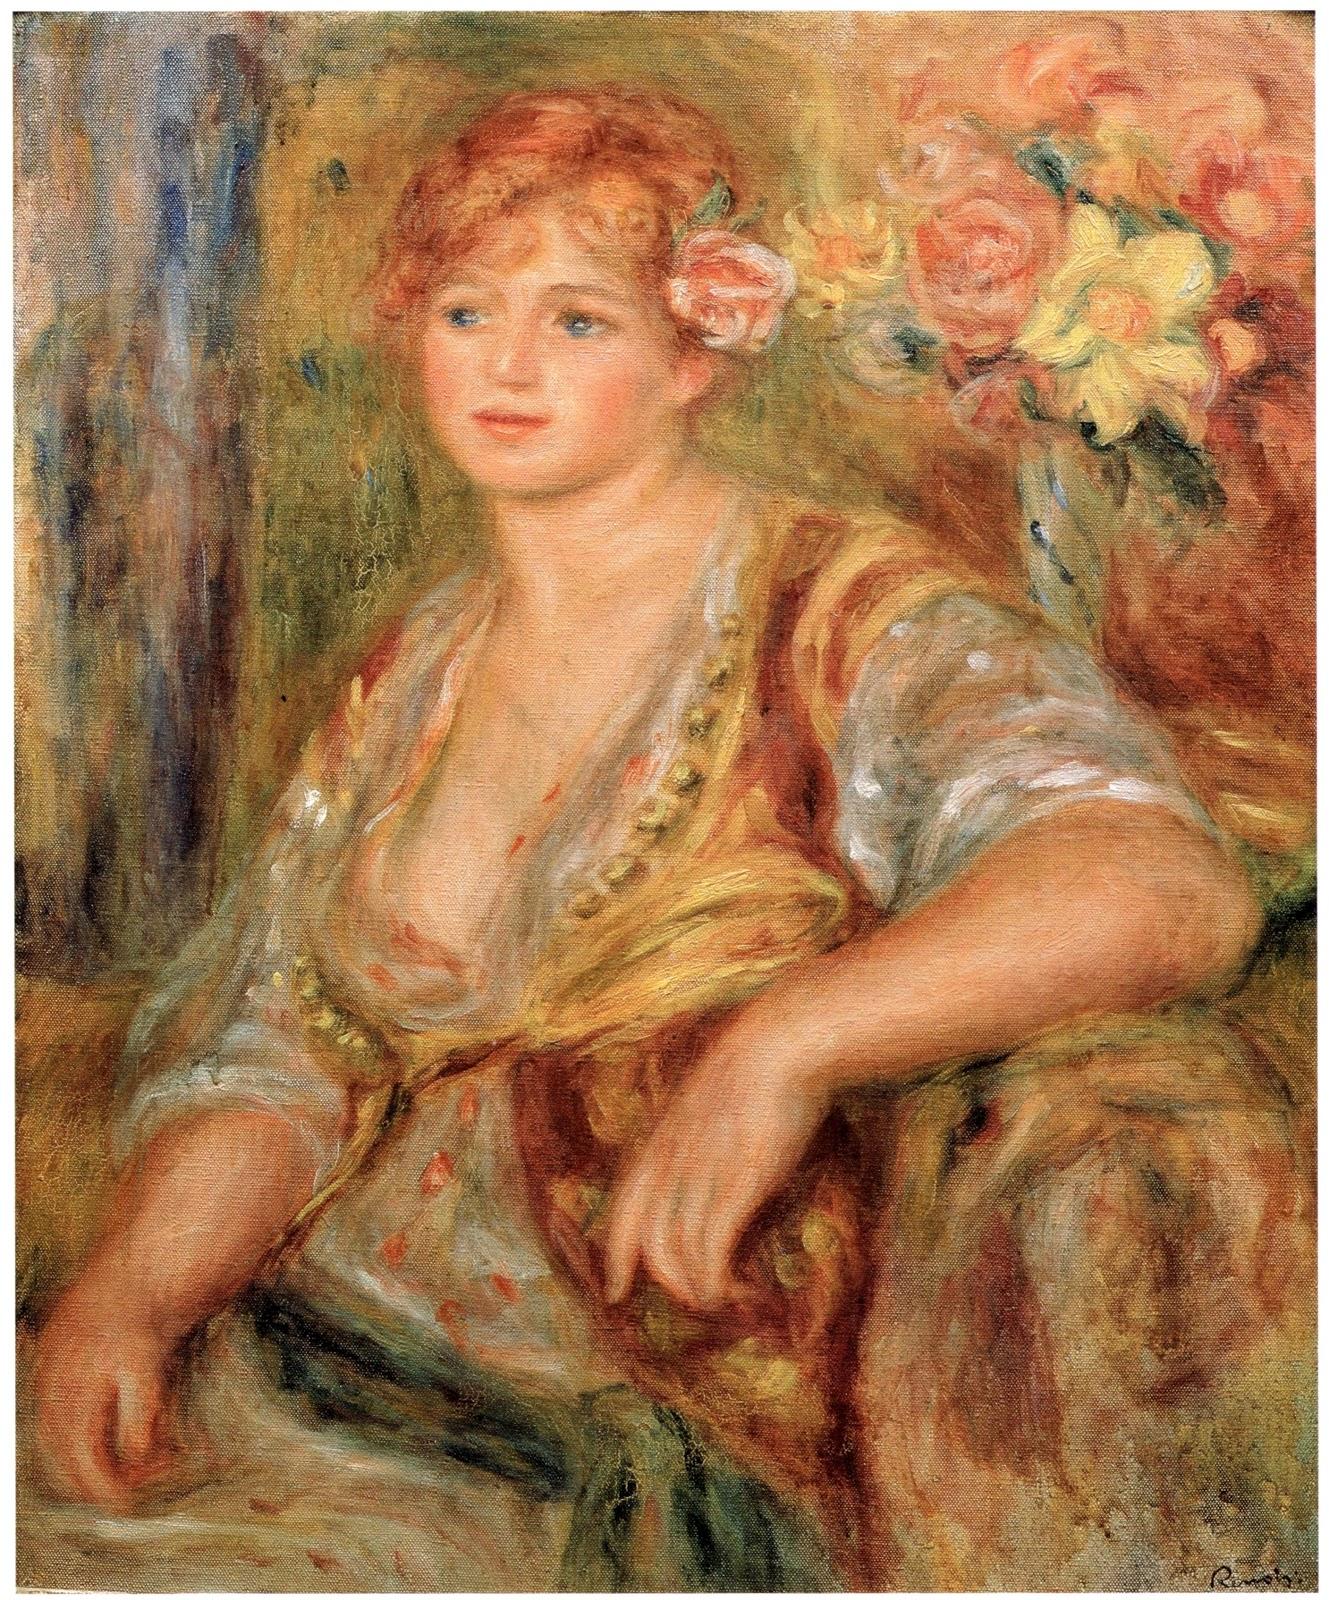 ピエール=オーギュスト・ルノワールのバラをさしたブロンドの女